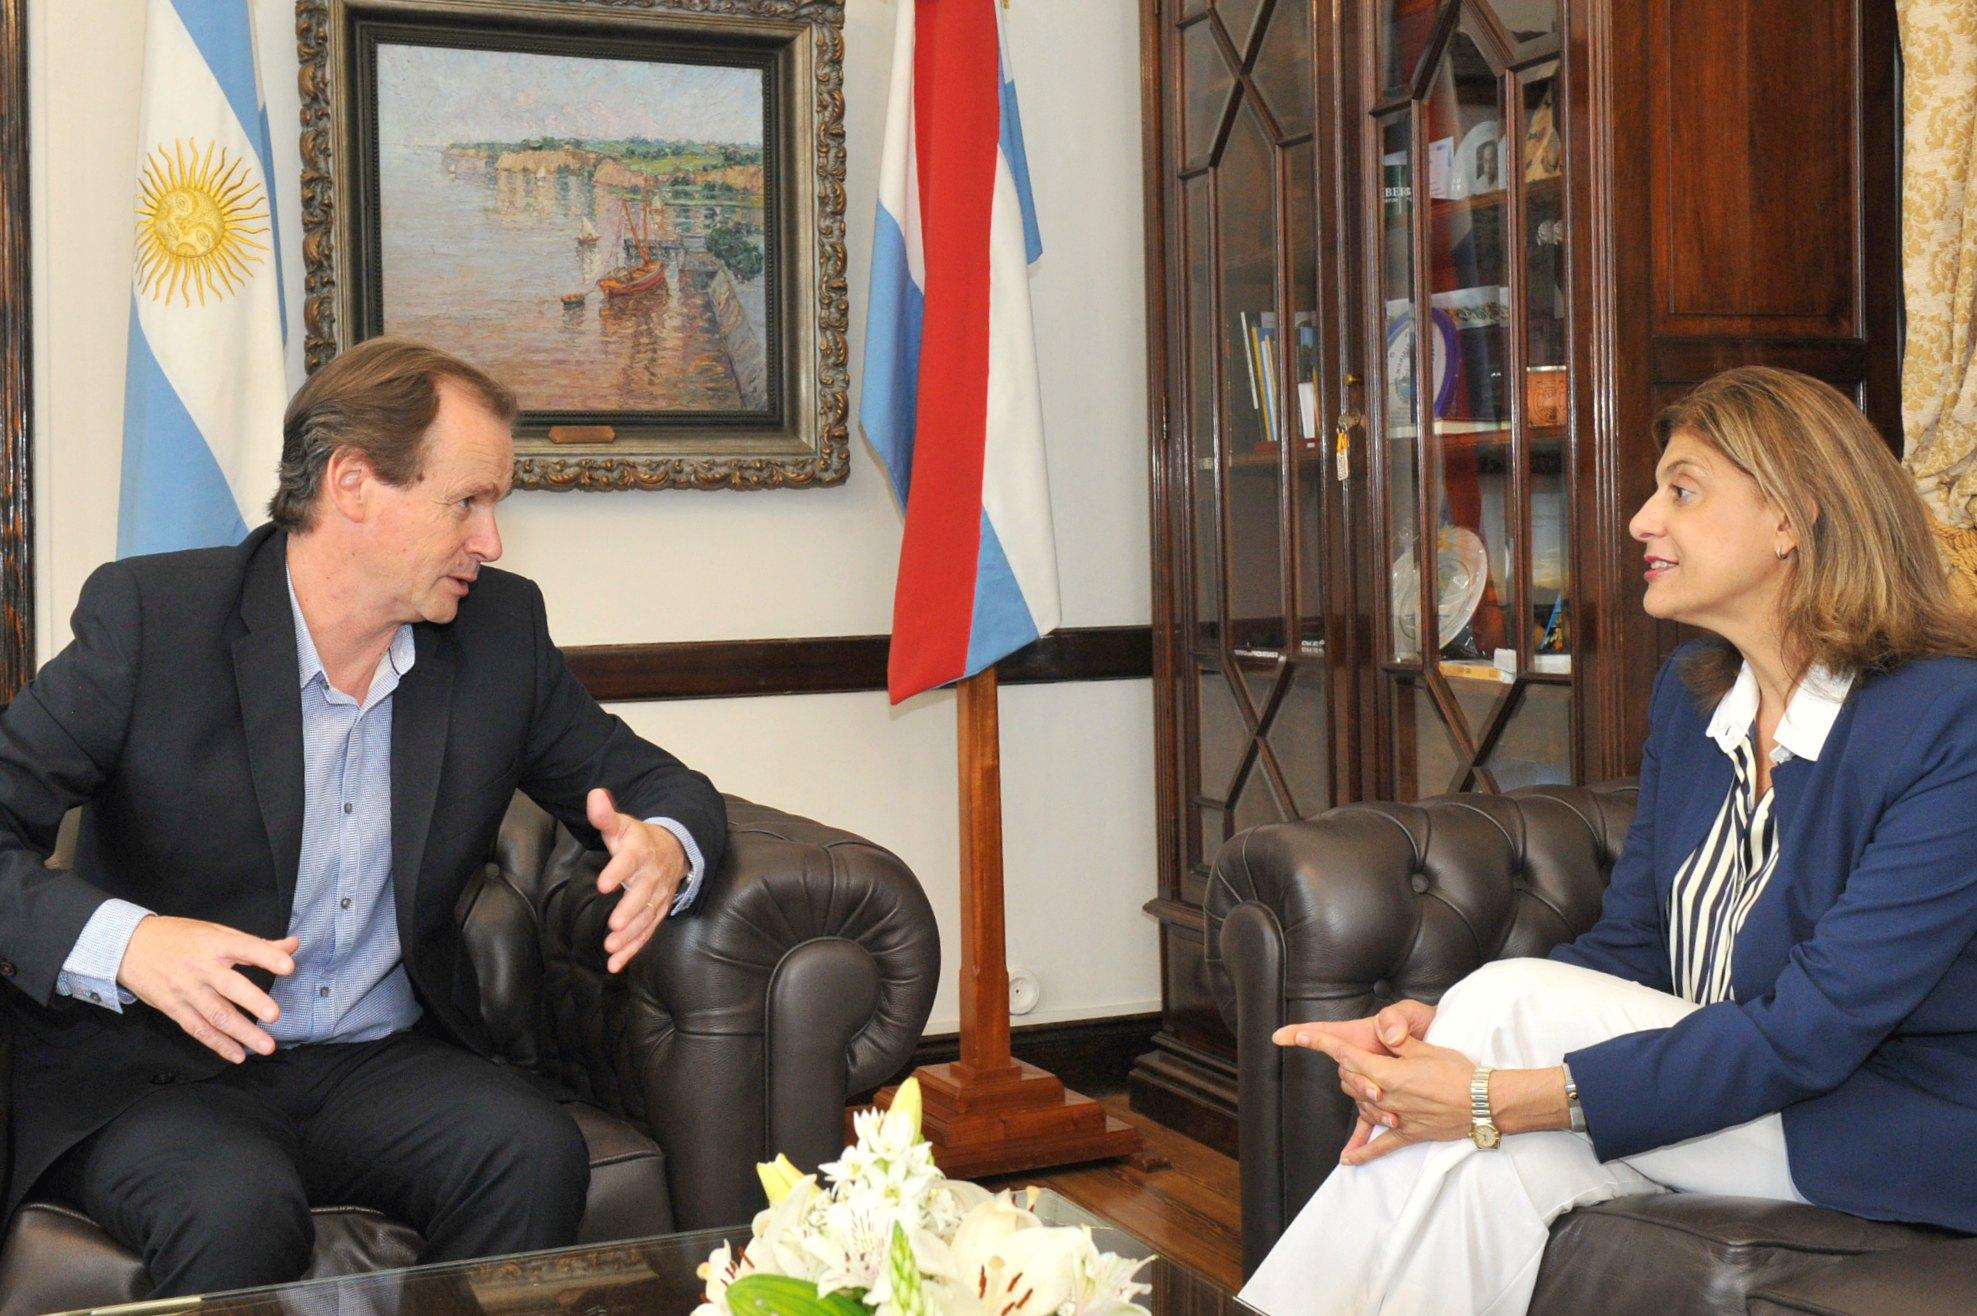 El Gobernador y la Presidenta del STJ  dialogaron sobre infraestructura judicial, situación carcelaria  e instrumentación del uso de tobilleras